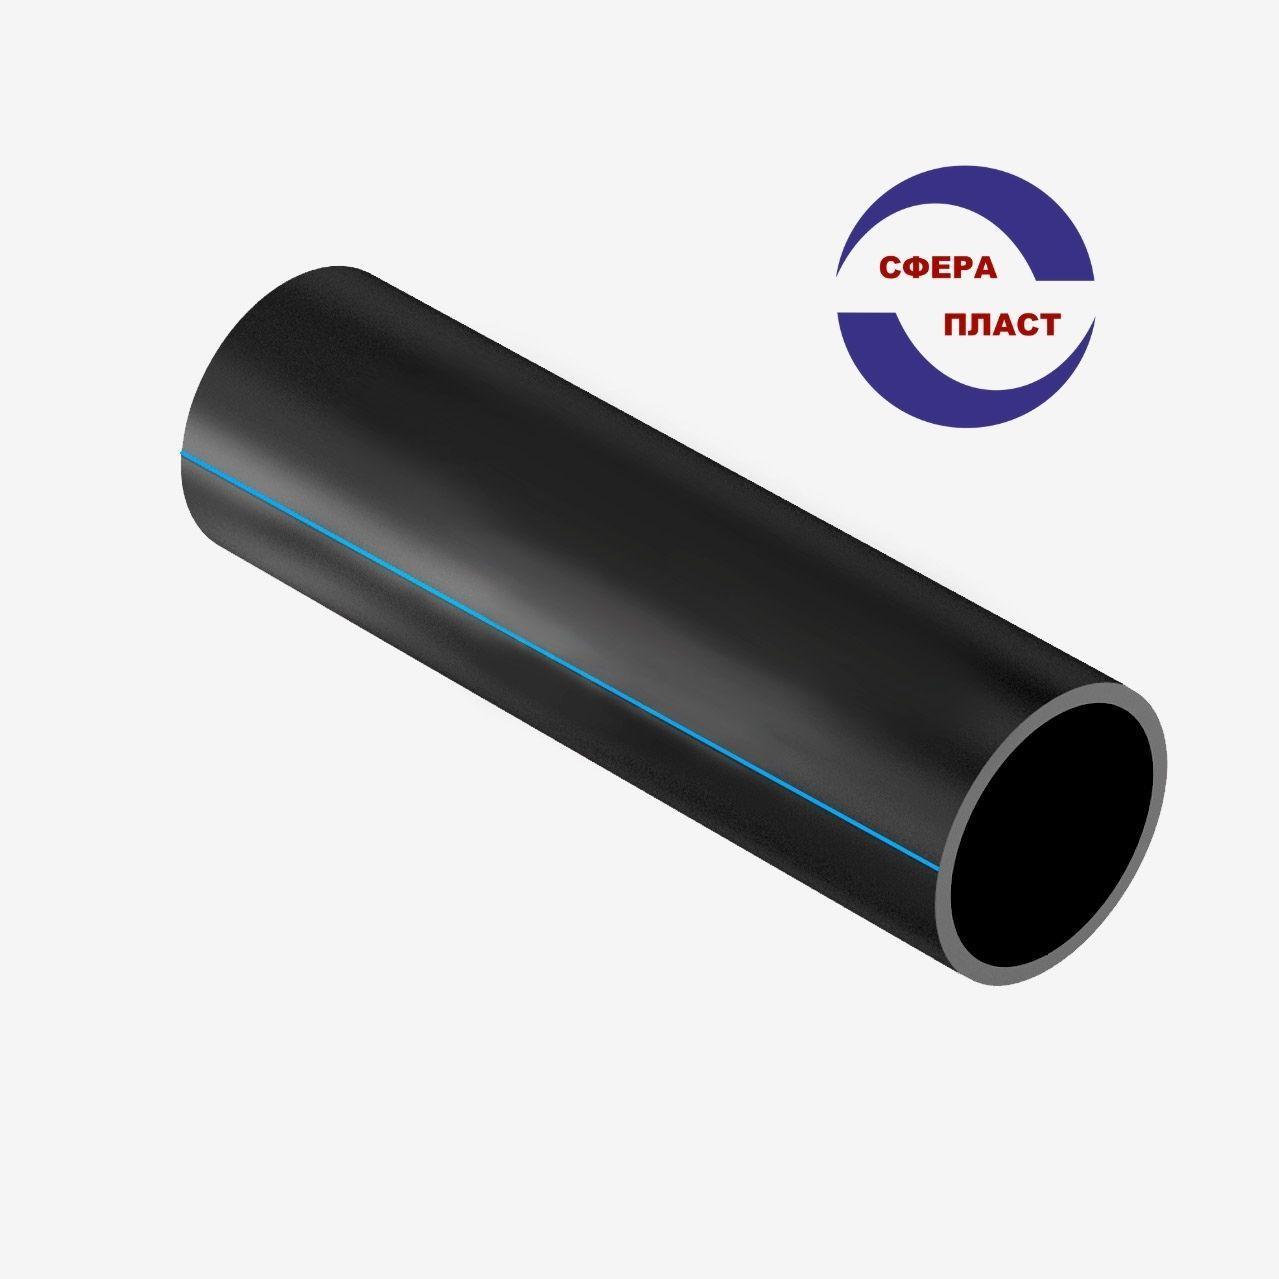 Труба Ду-75x5,6 SDR13,6 (12,5 атм) полиэтиленовая ПЭ-100